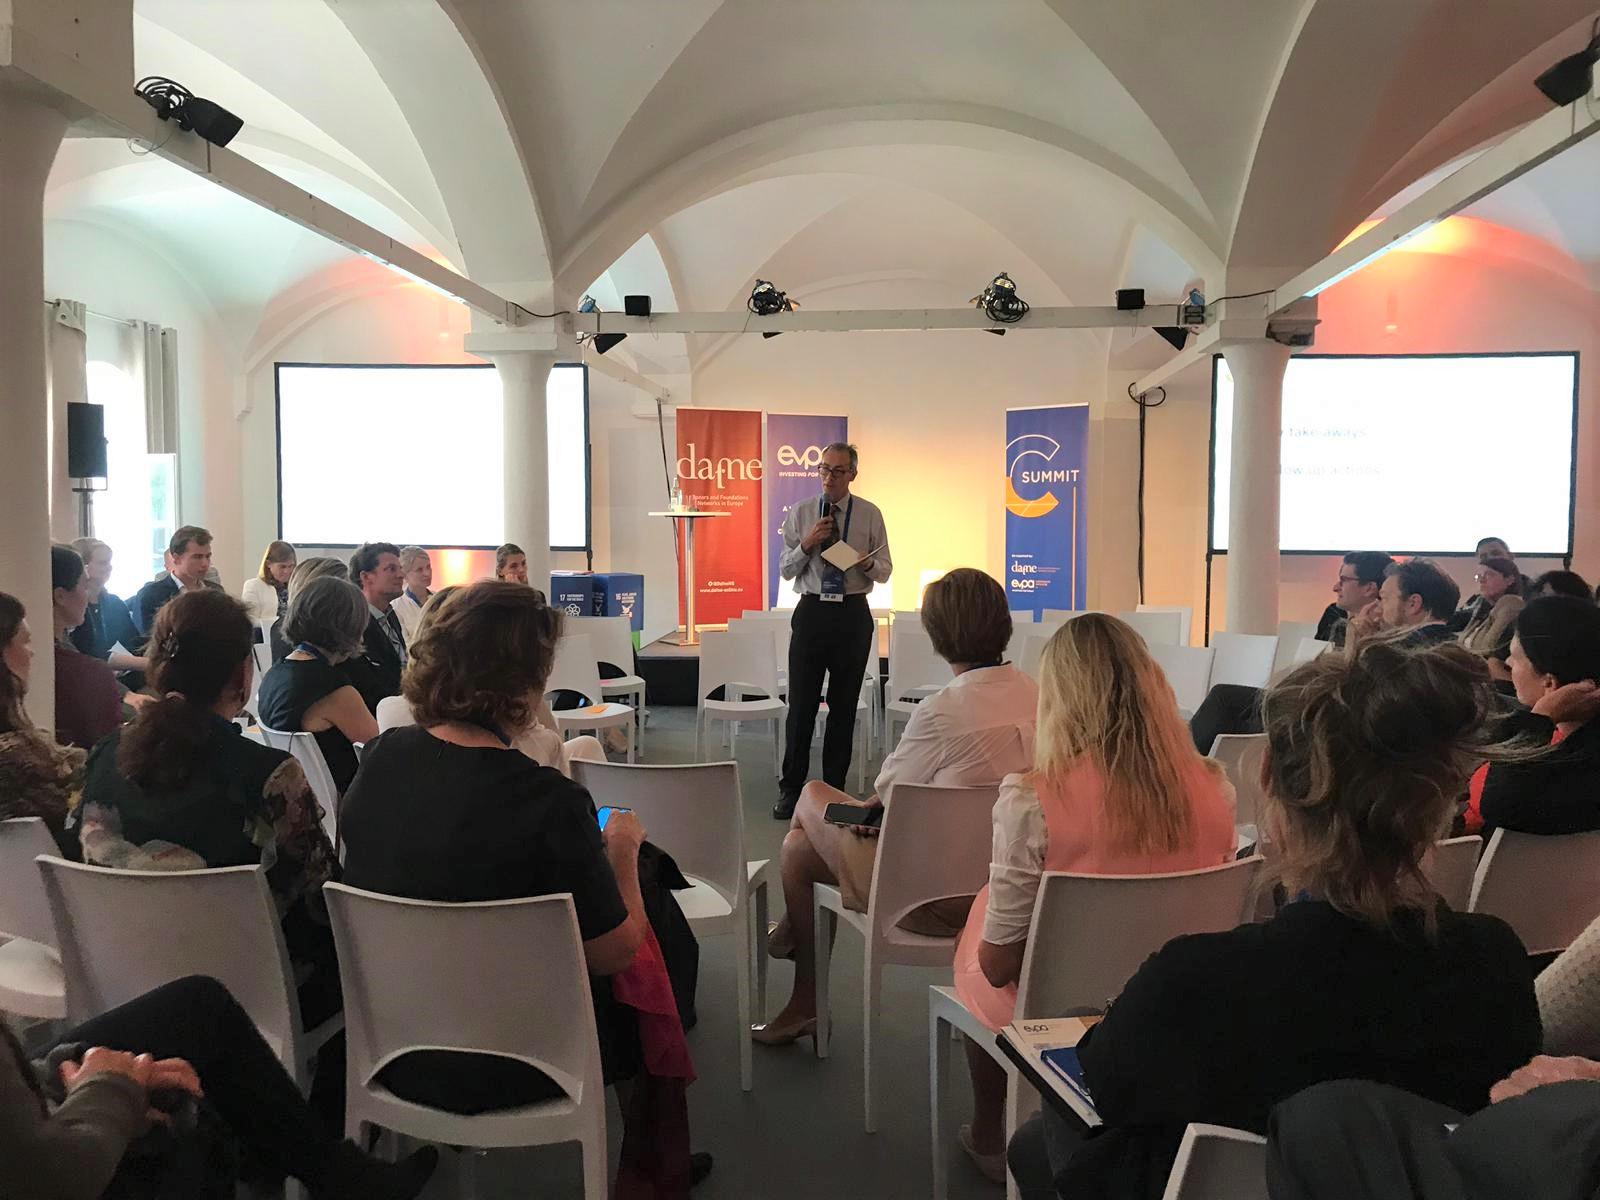 La Fondazione Affinita al C-Summit di Monaco: il confronto che arricchisce e ci permette di essere più efficaci nell'assicurare un futuro migliore a tanti bambini